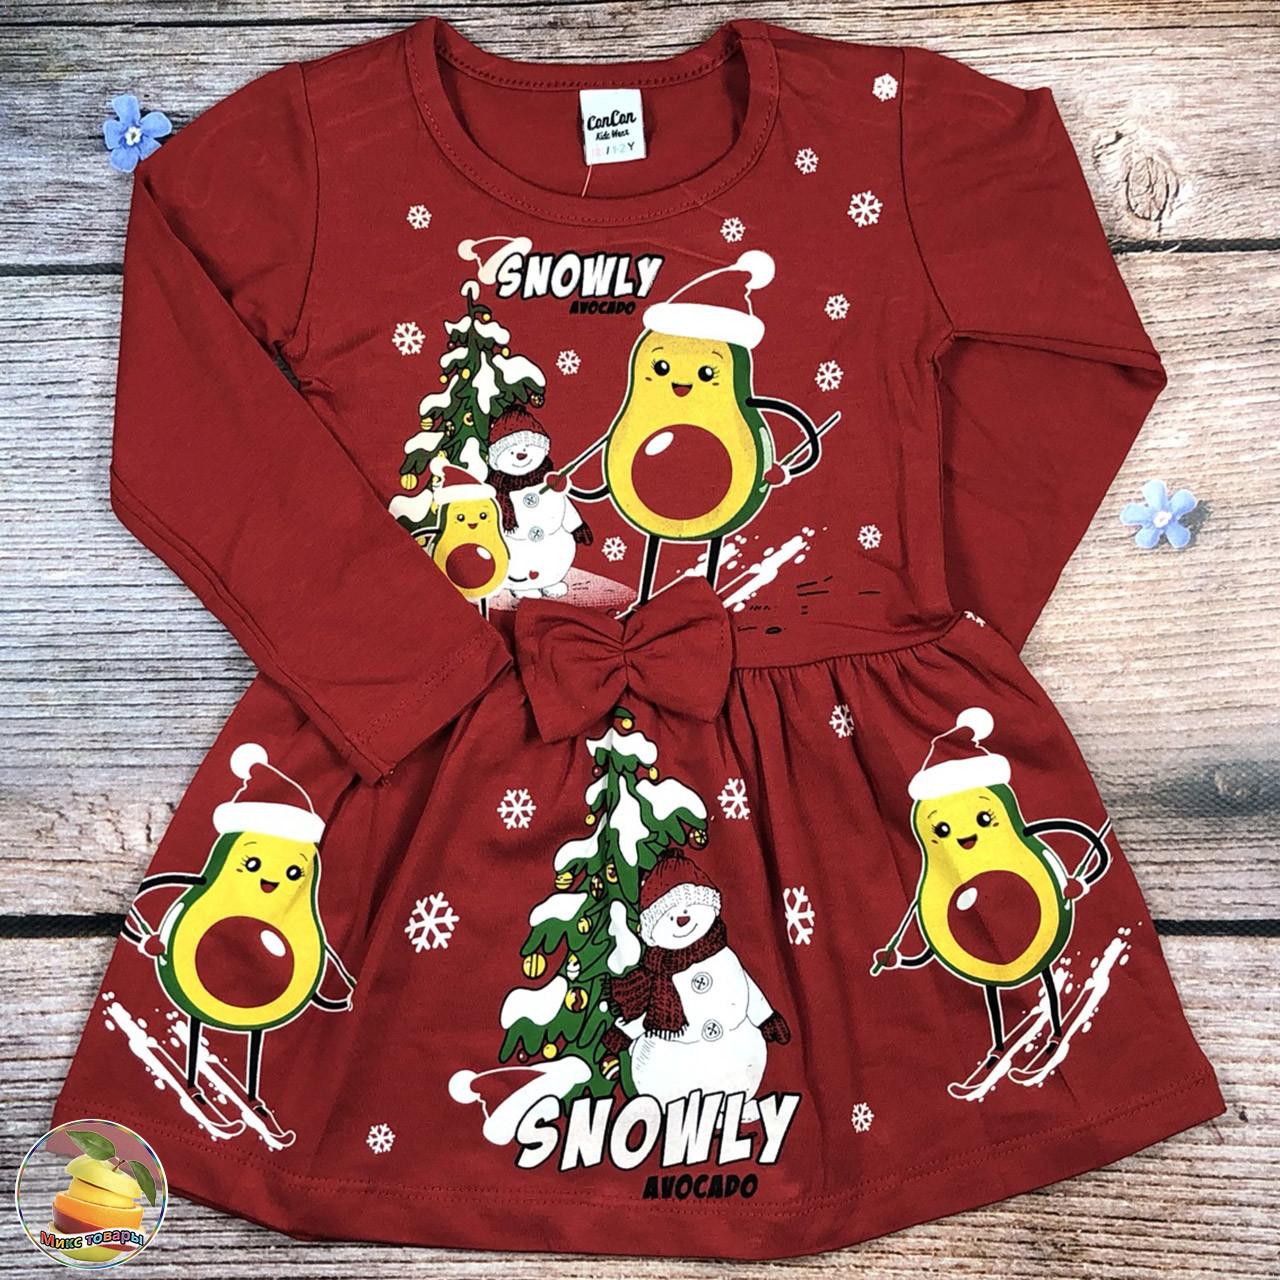 Дитяче плаття новорічної тематики Розміри: 86,92,98,104,110 см (20988)